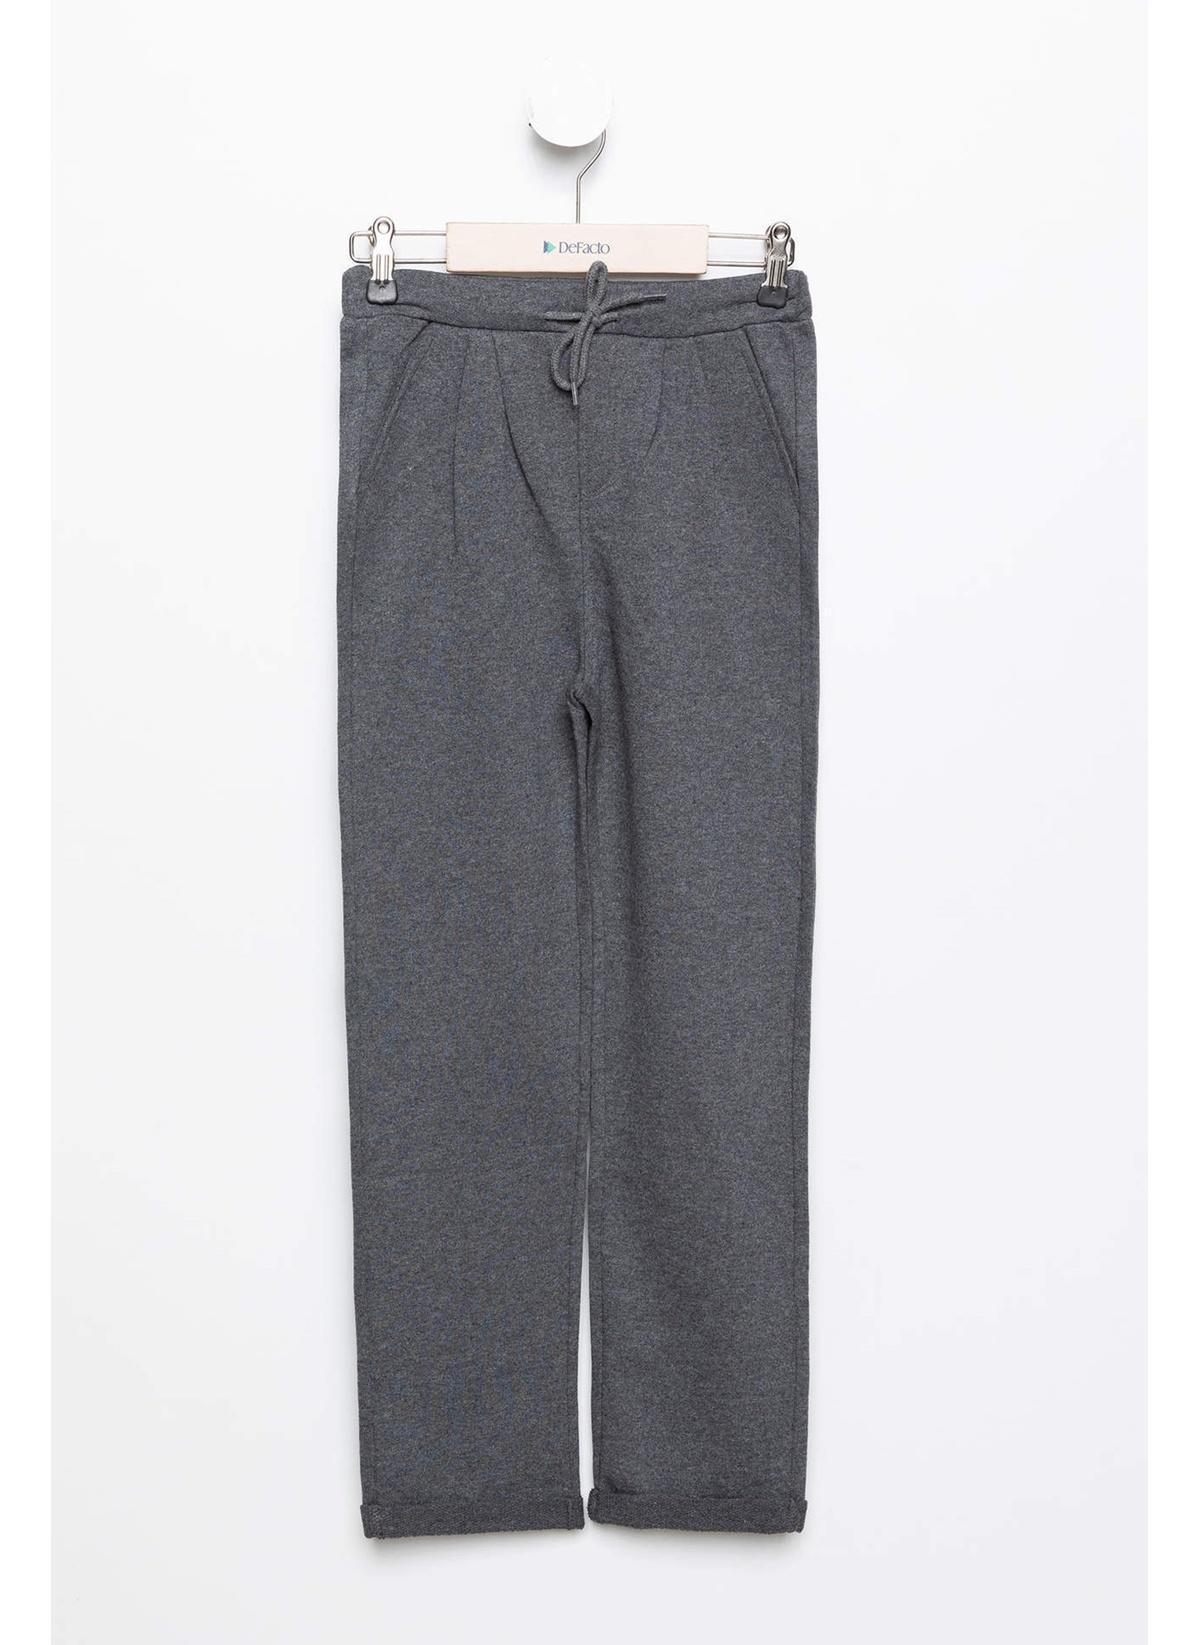 Defacto Pantolon K8088a619spar102 Kırçıllı Slim Fit Jogge – 29.99 TL